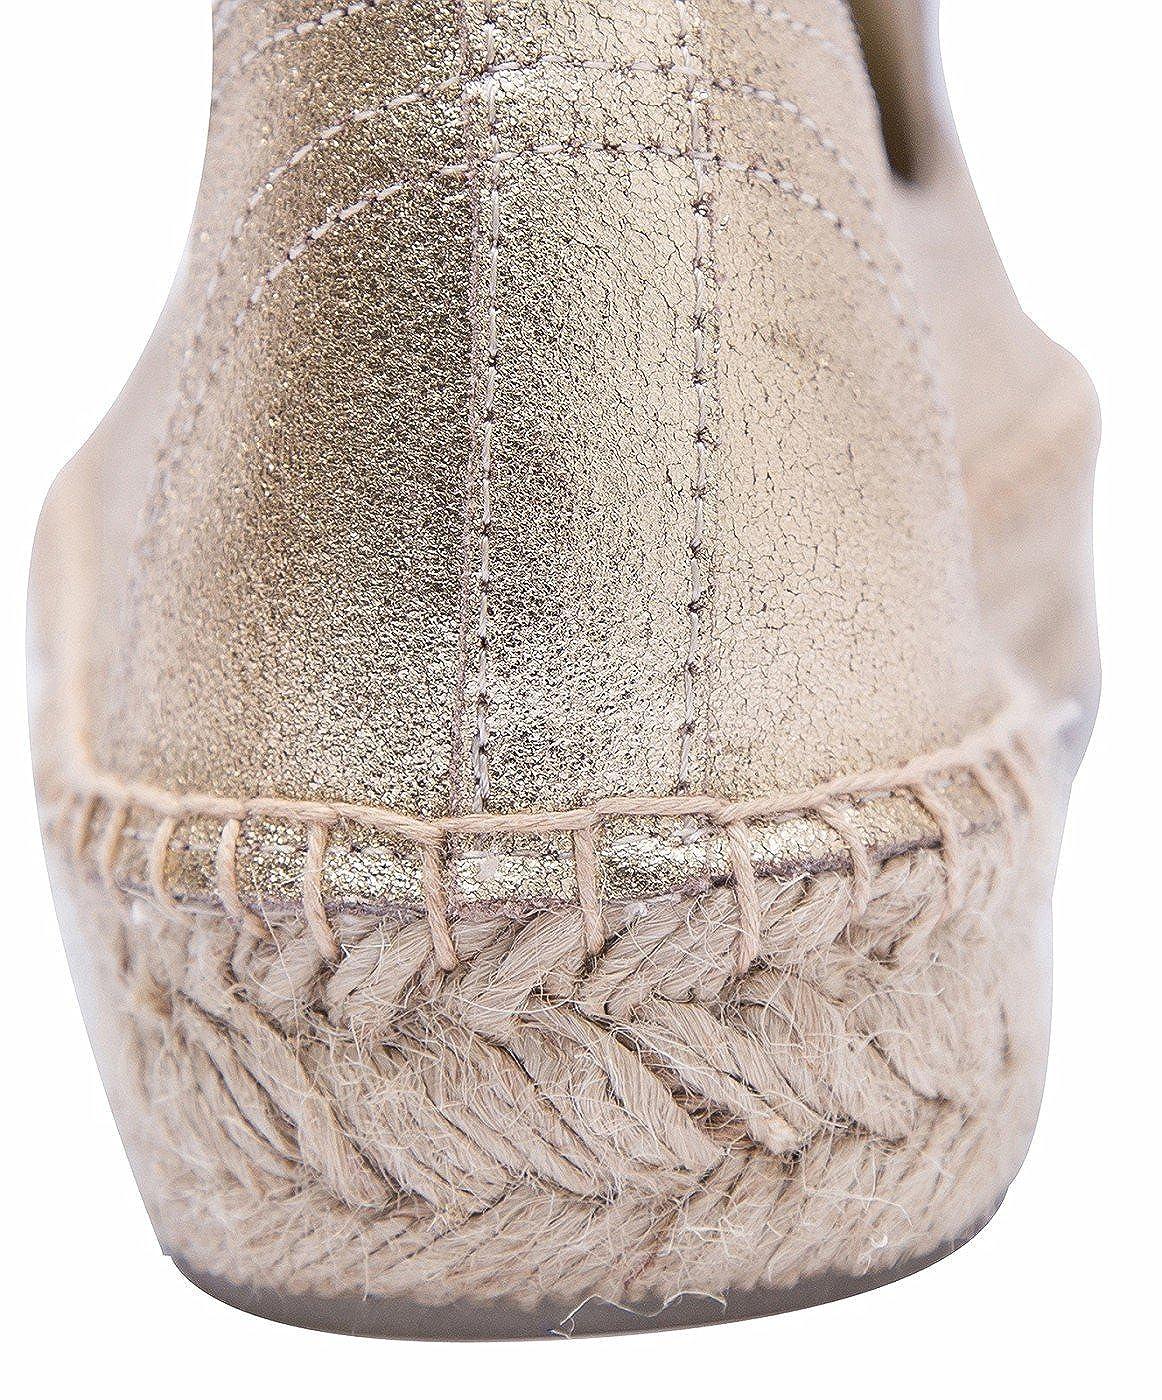 Damen Klassische Loafer Leder Slip-on Espadrilles,Rindsleder Flach Loafer Klassische 3efabd